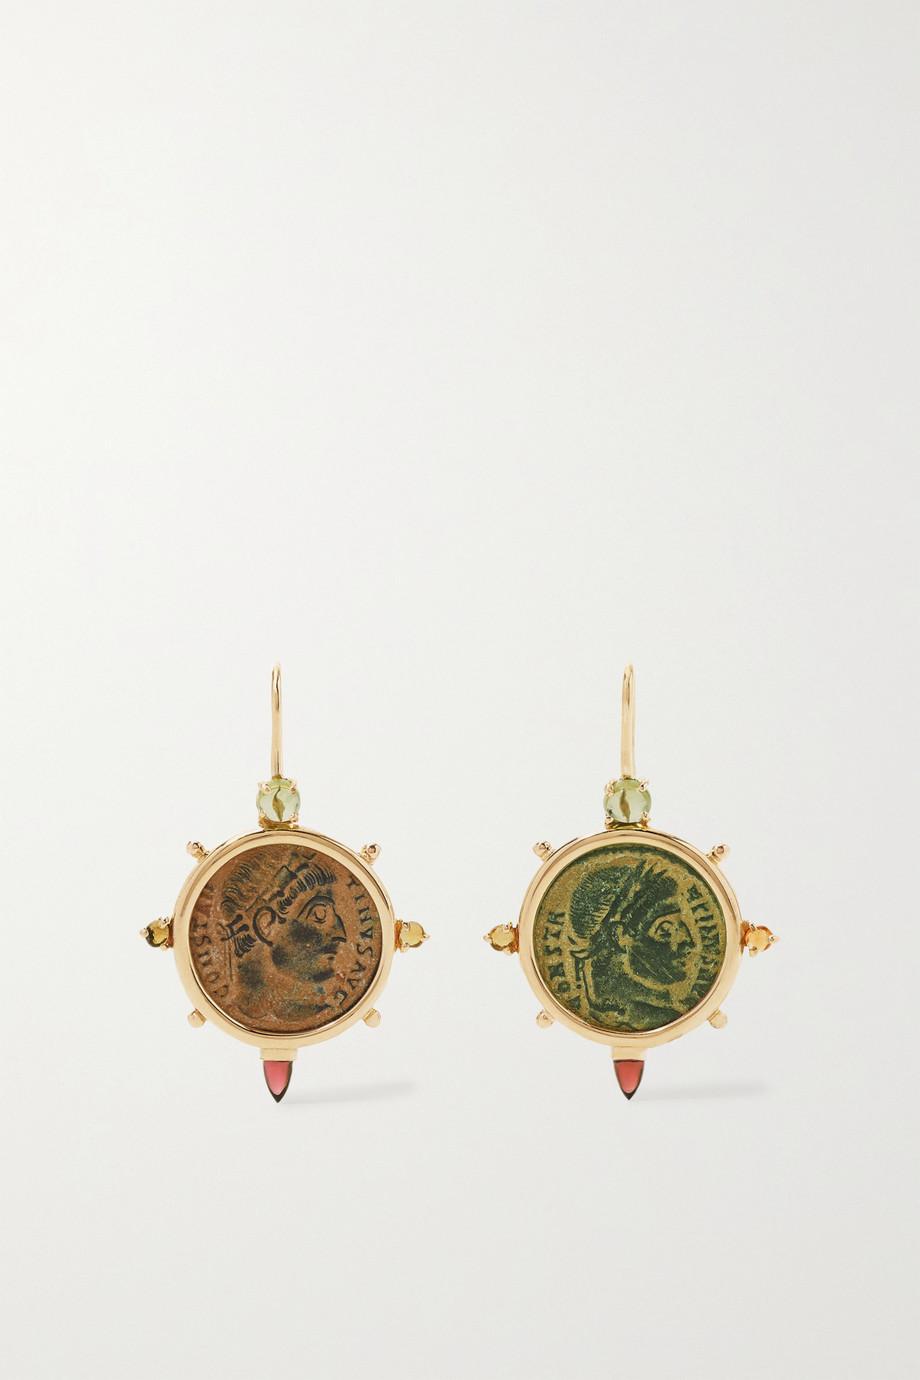 Dubini Boucles d'oreilles en or 18 carats, bronze et pierres multiples